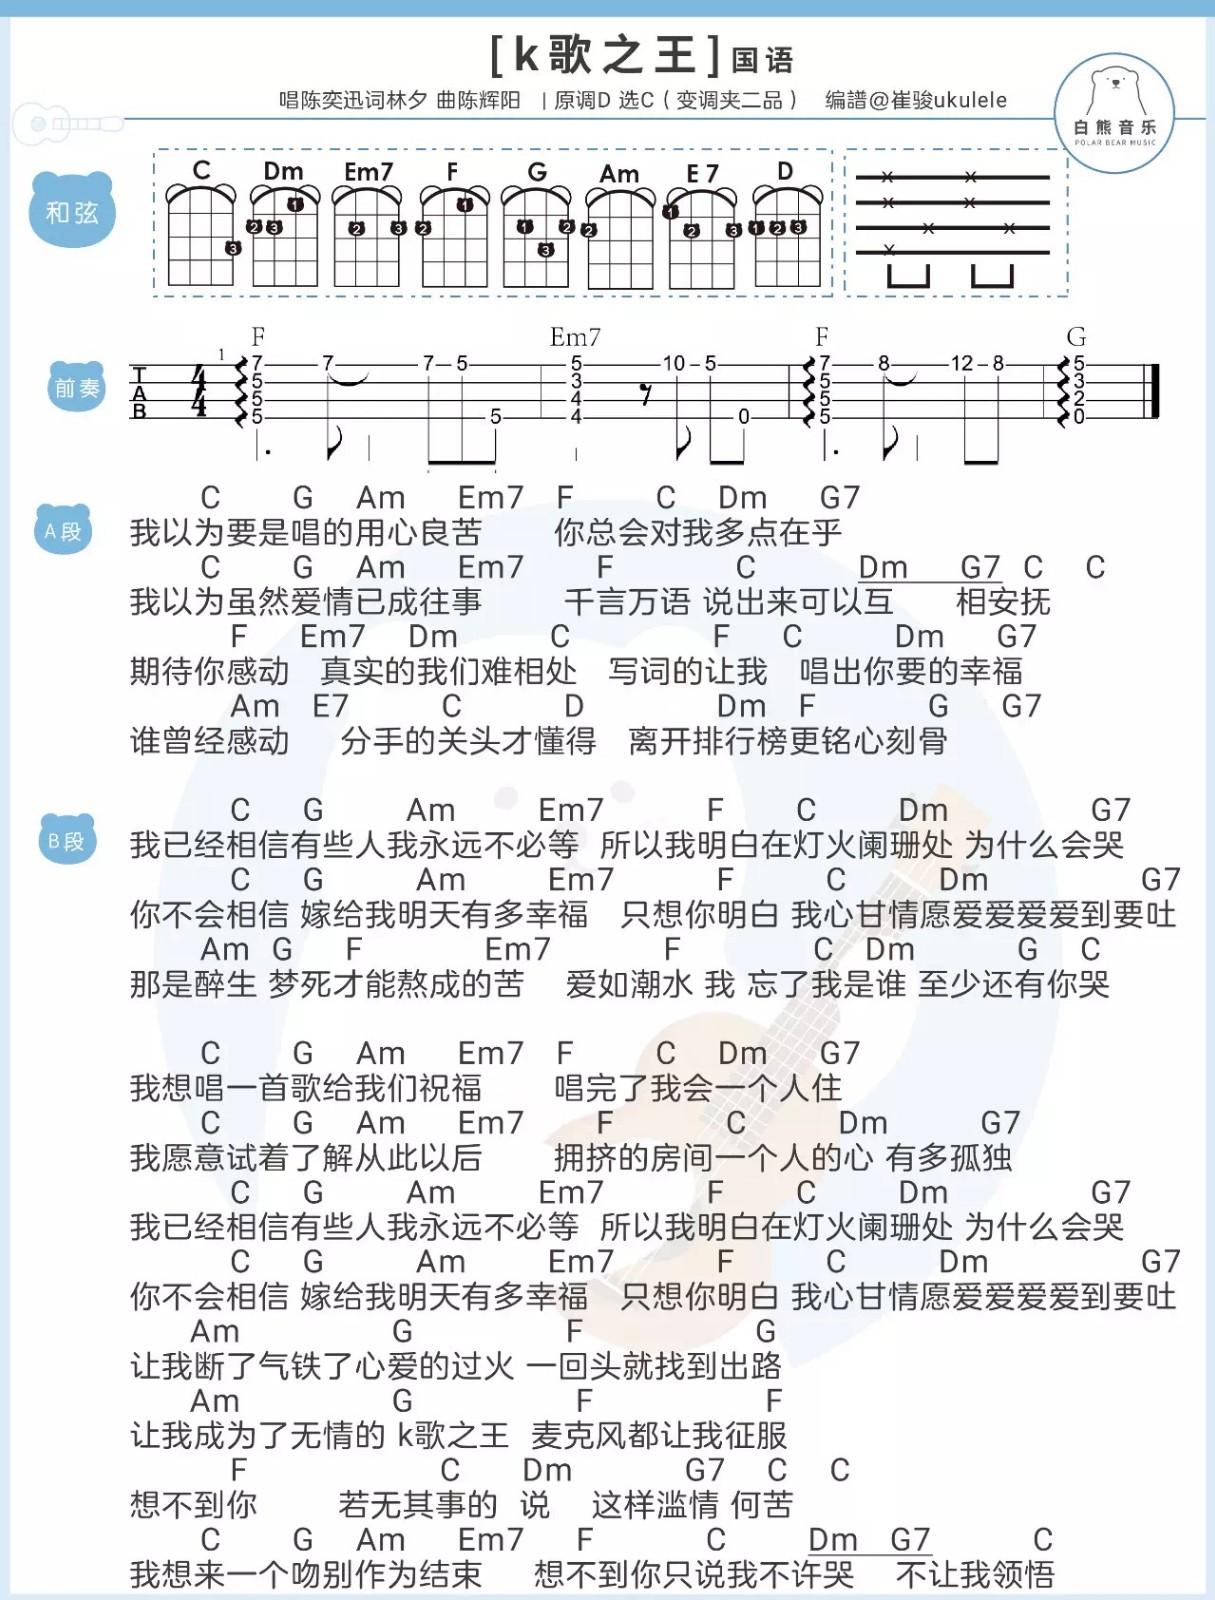 《K歌之王》陈奕迅 尤克里里弹唱曲谱-C大调音乐网